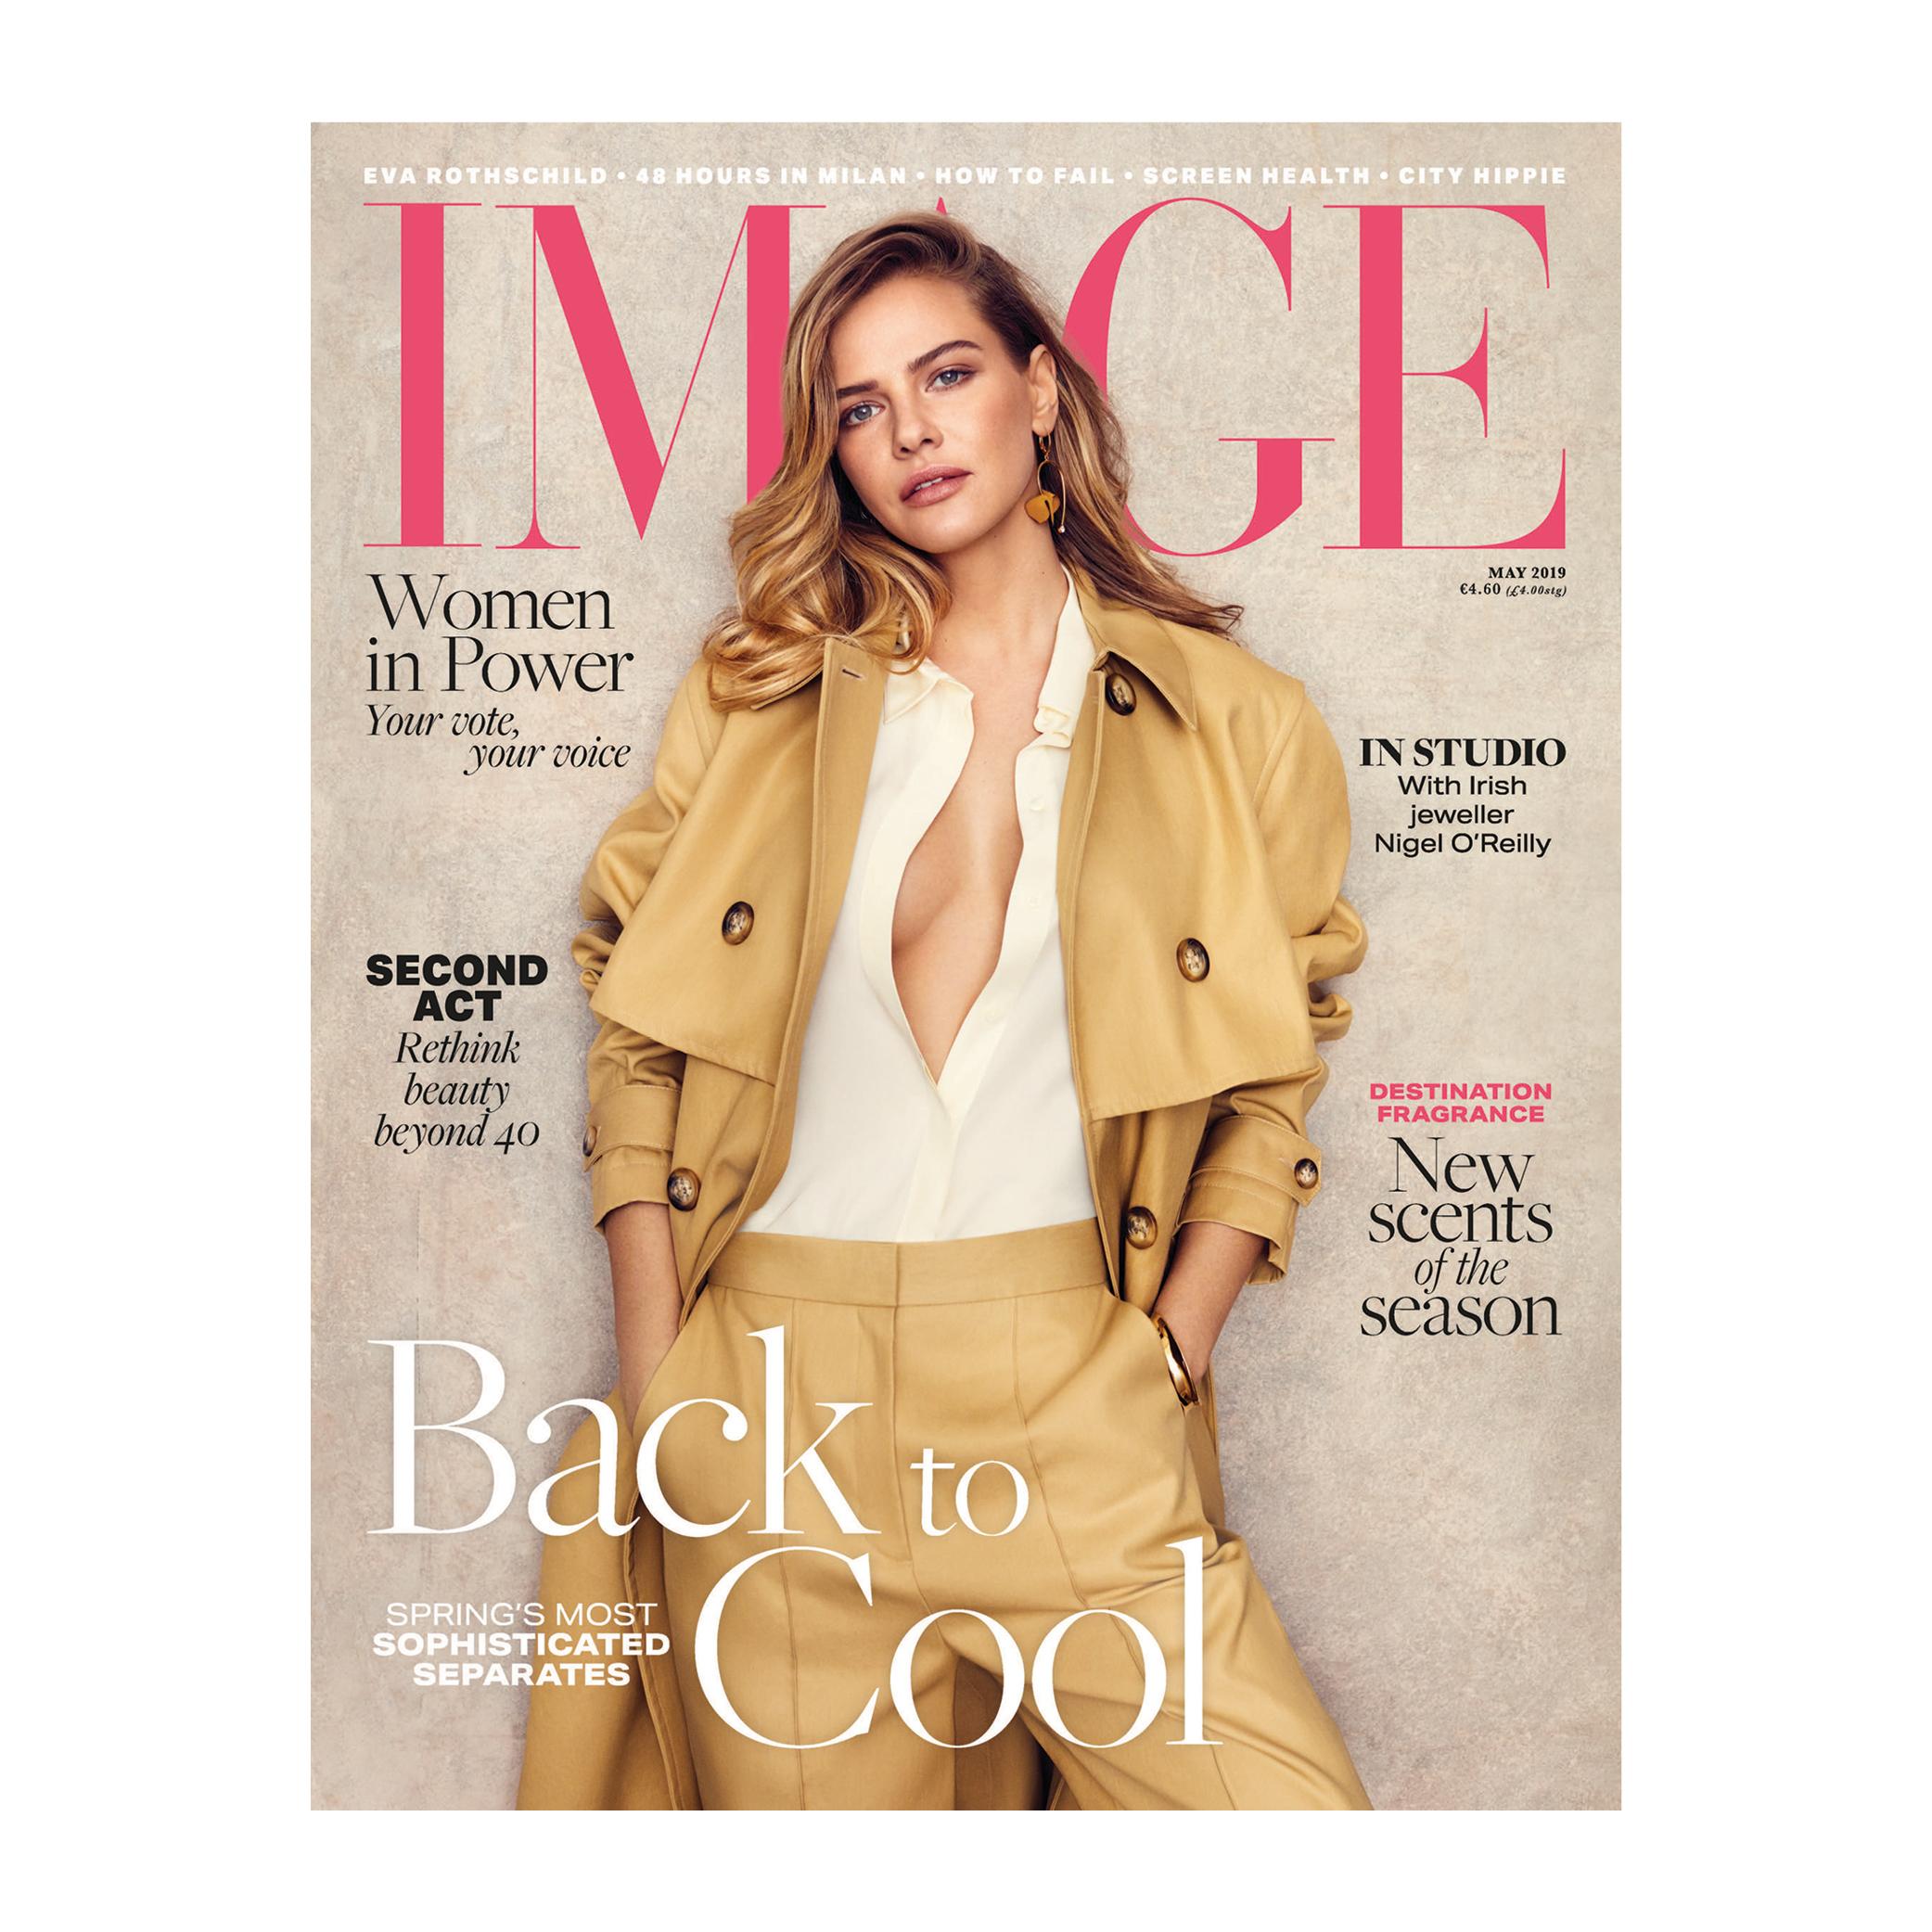 Image Magazine - Awards March 2019